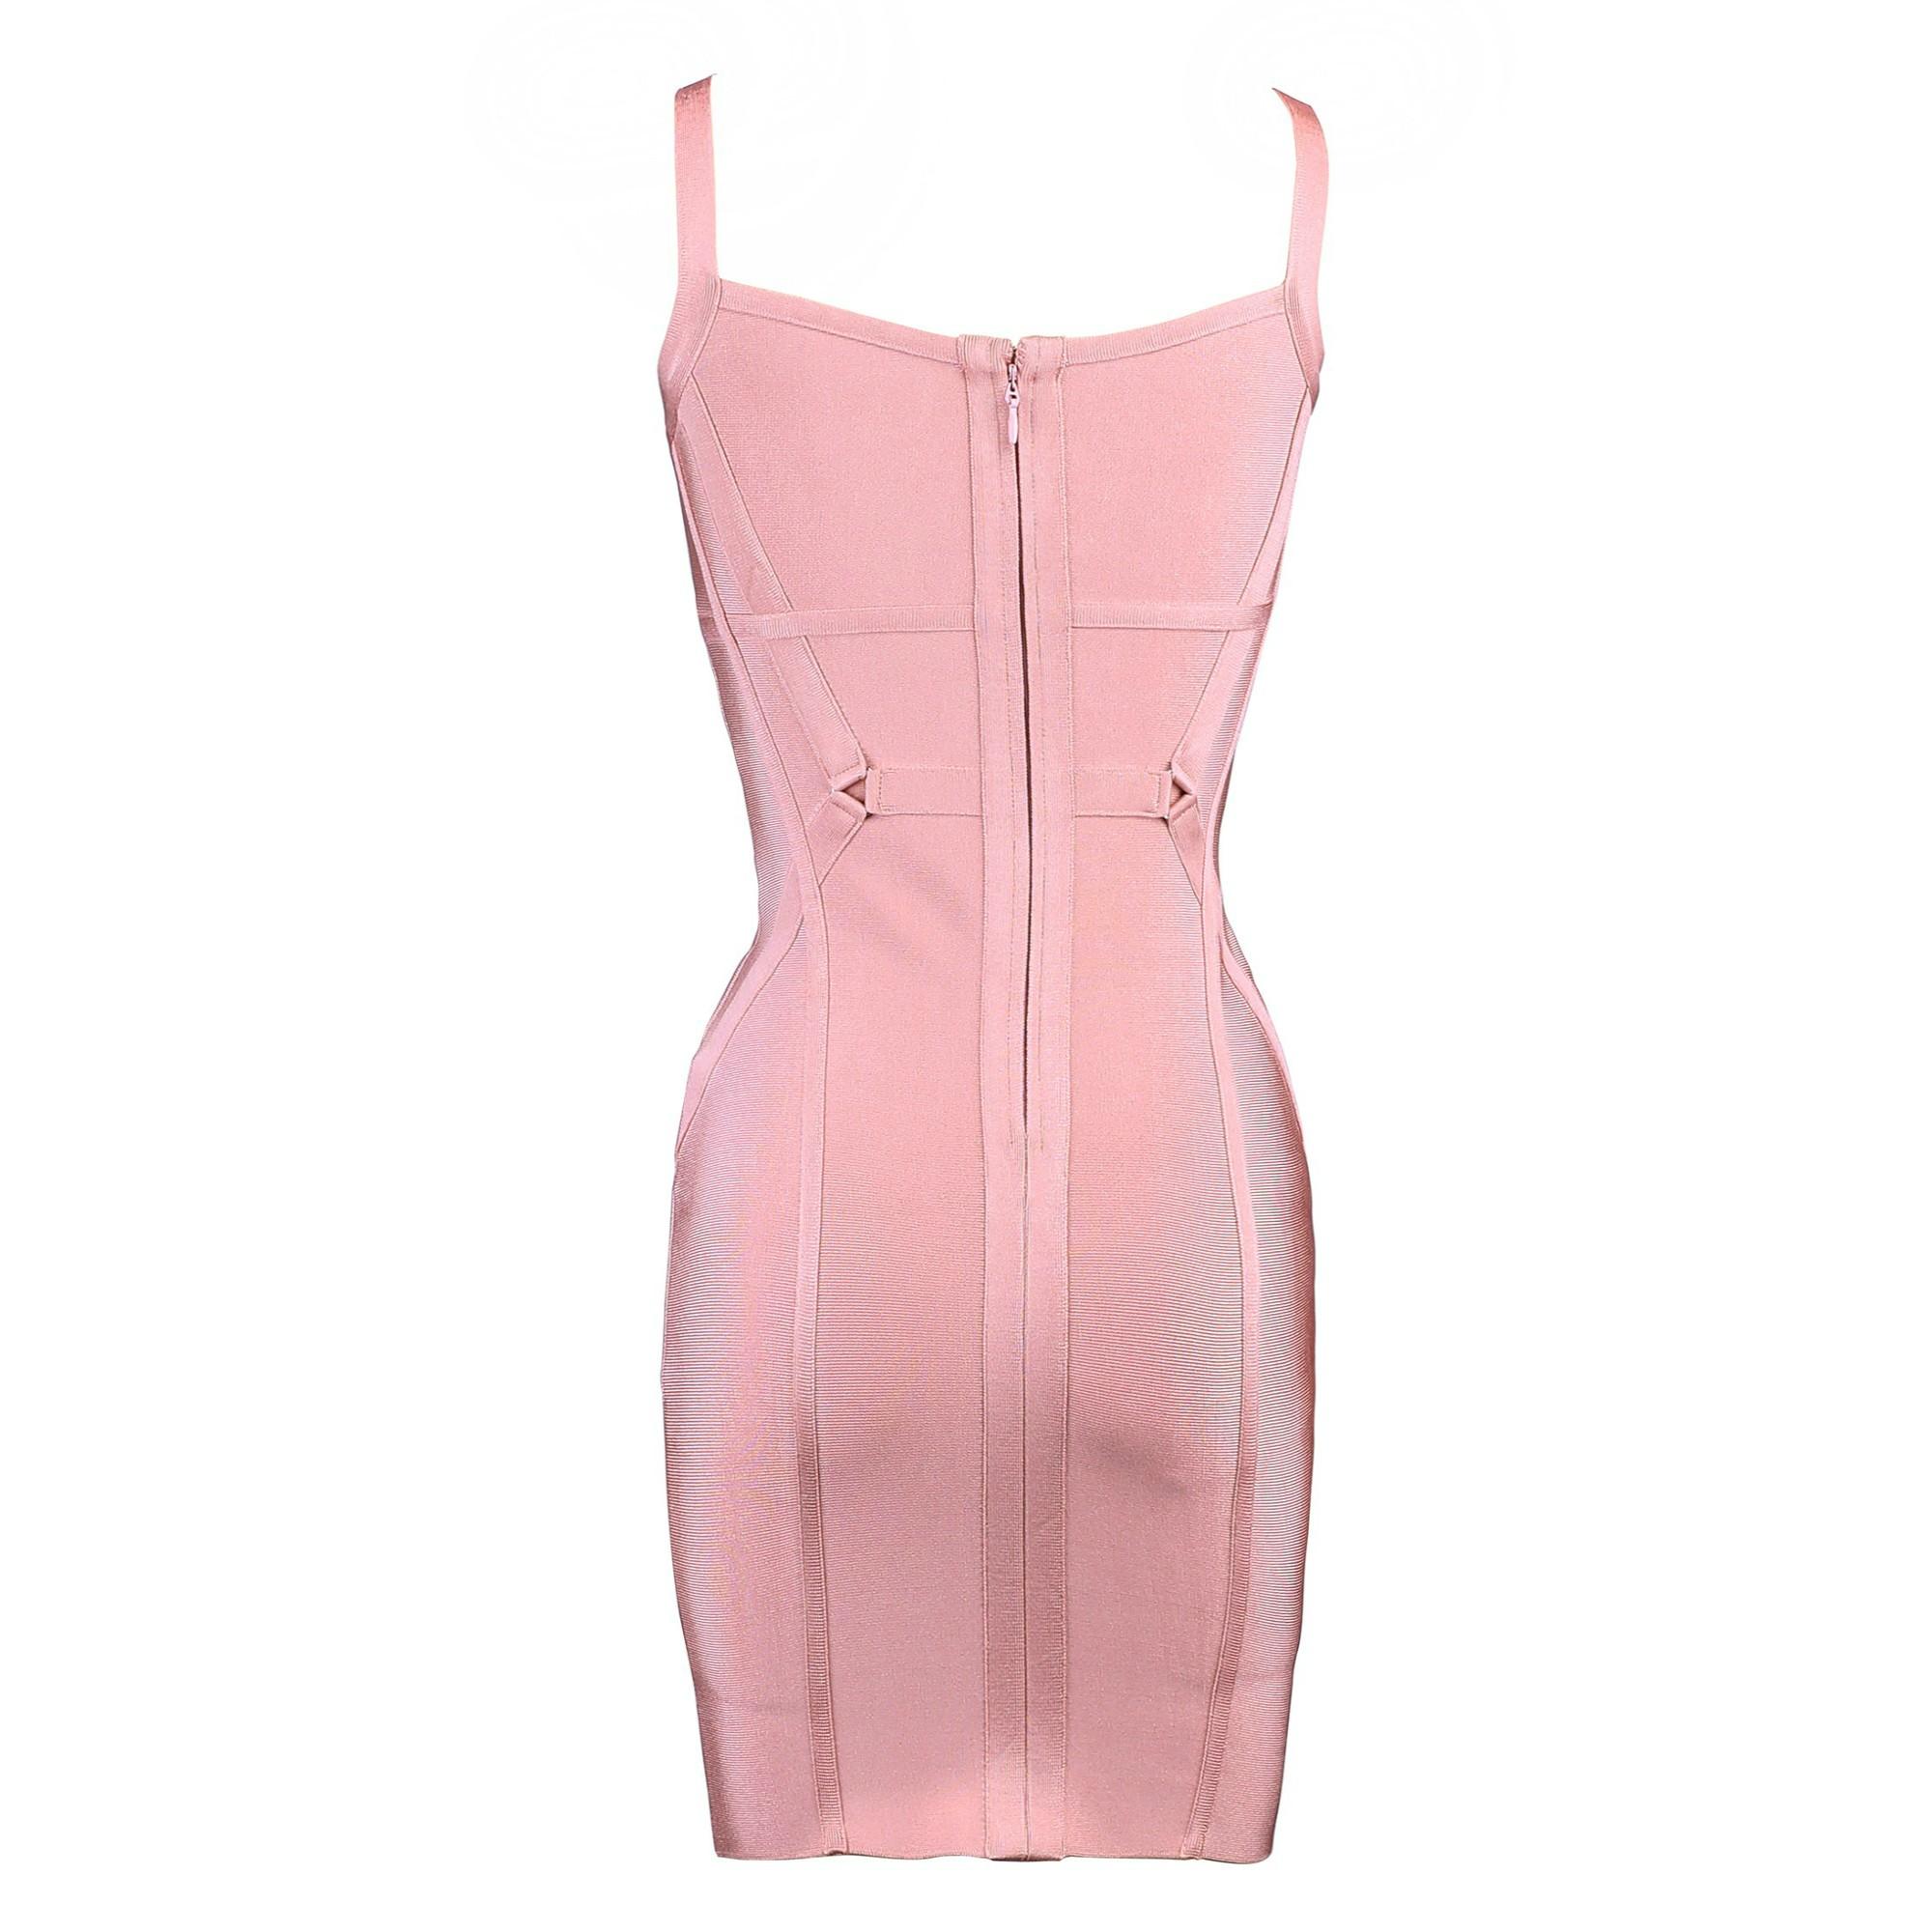 Rayon - Pink Strapy Sleeveless Mini Cut Out Cheap Bandage Dress H0108-Pink